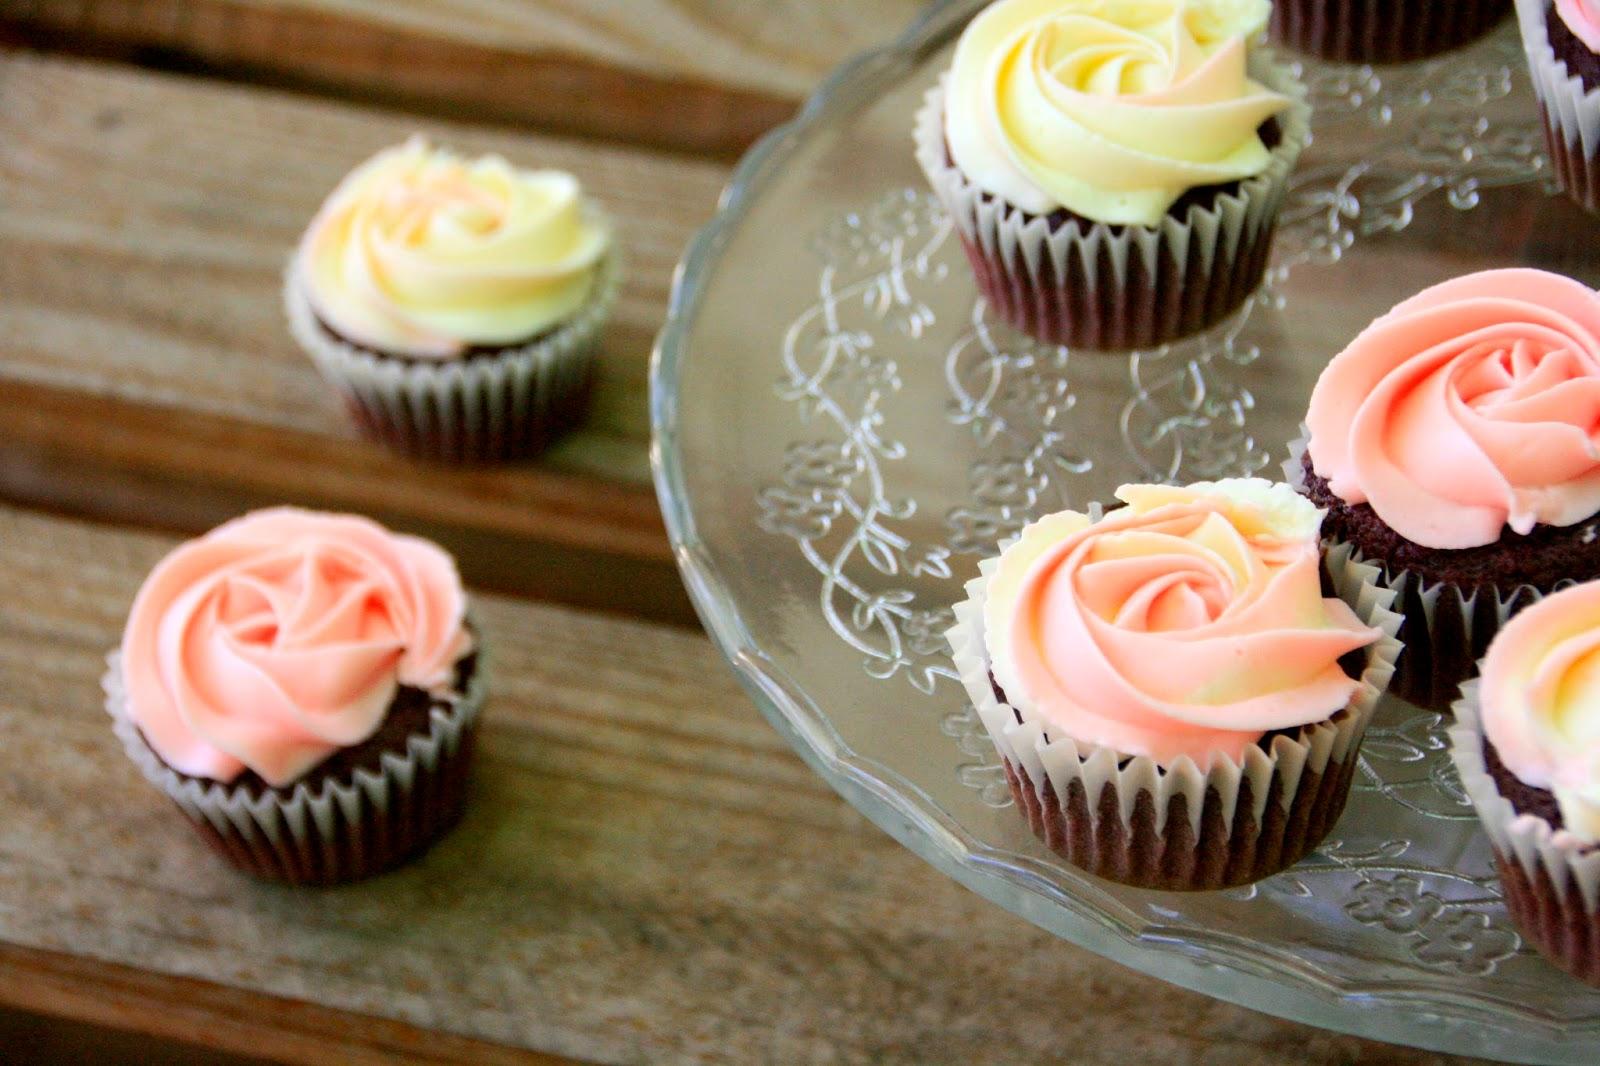 Cupcakes de mora con cobertura de queso fresco